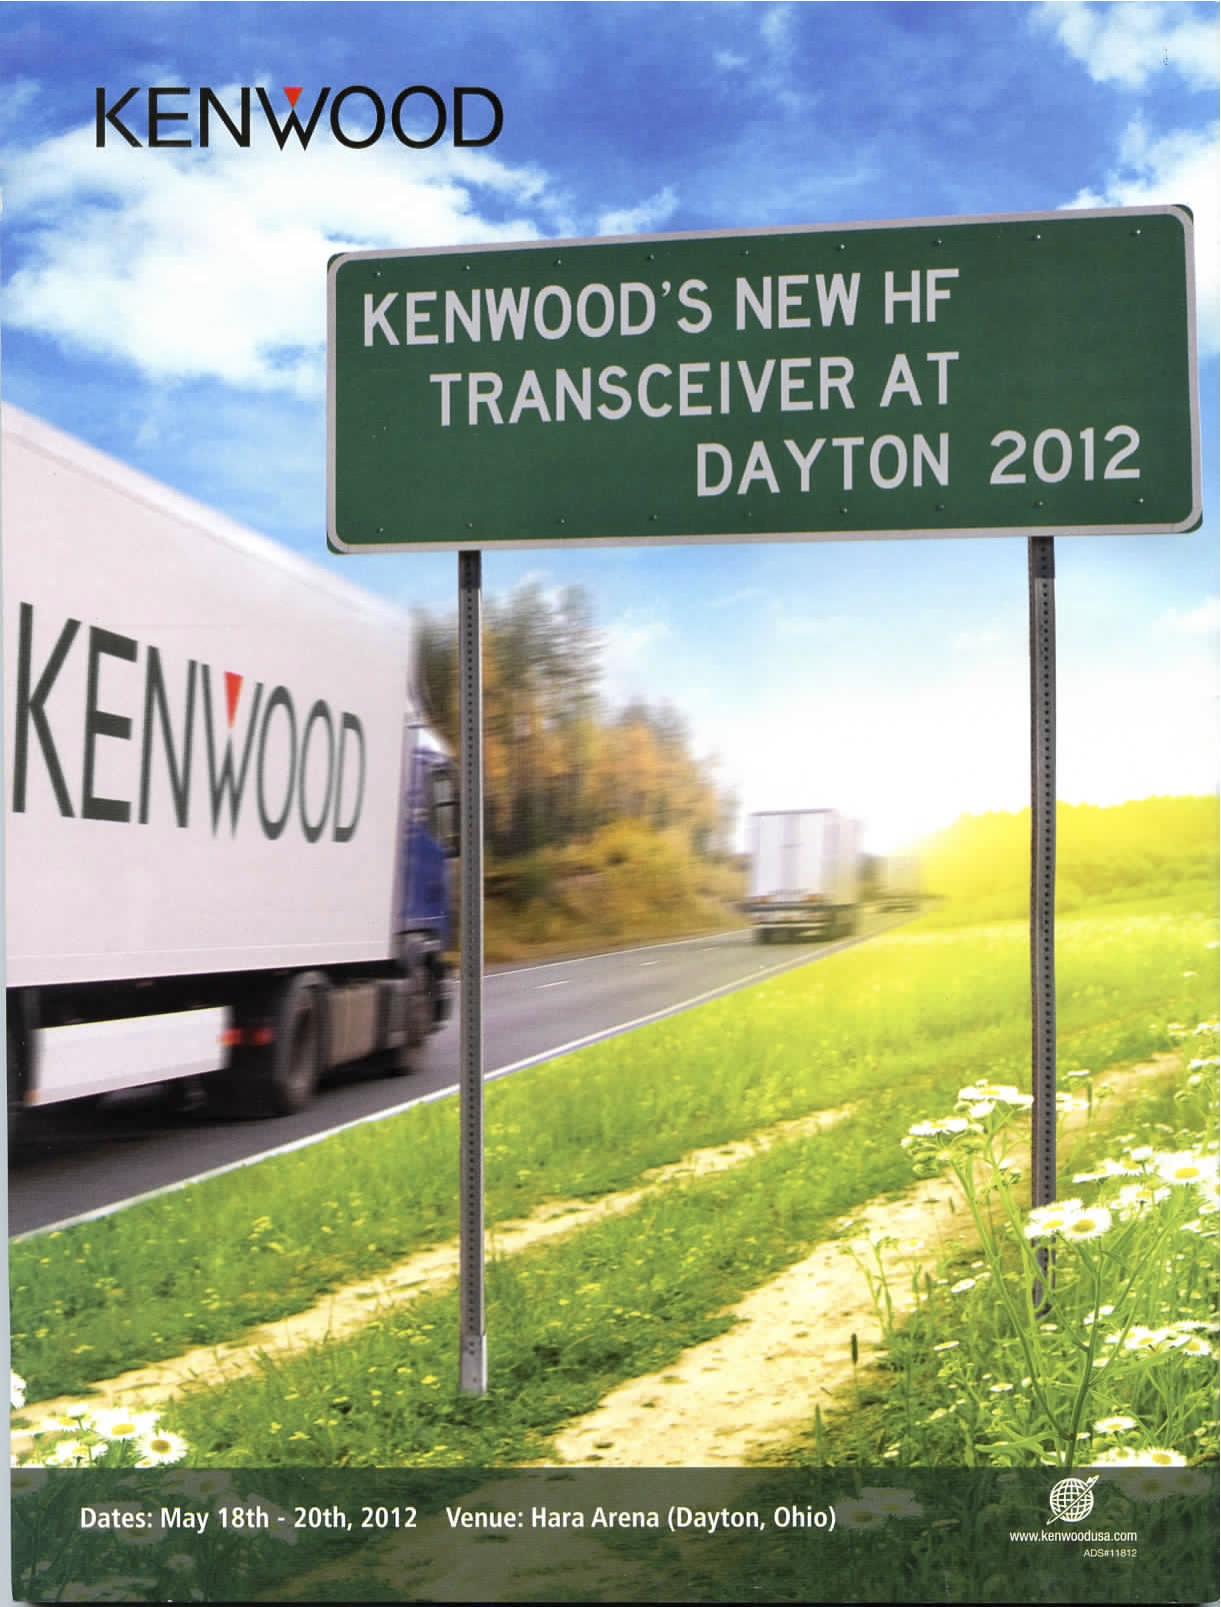 Quatrième de couverture QST Mai 2012 - Publicité pour Kenwood à Dayton